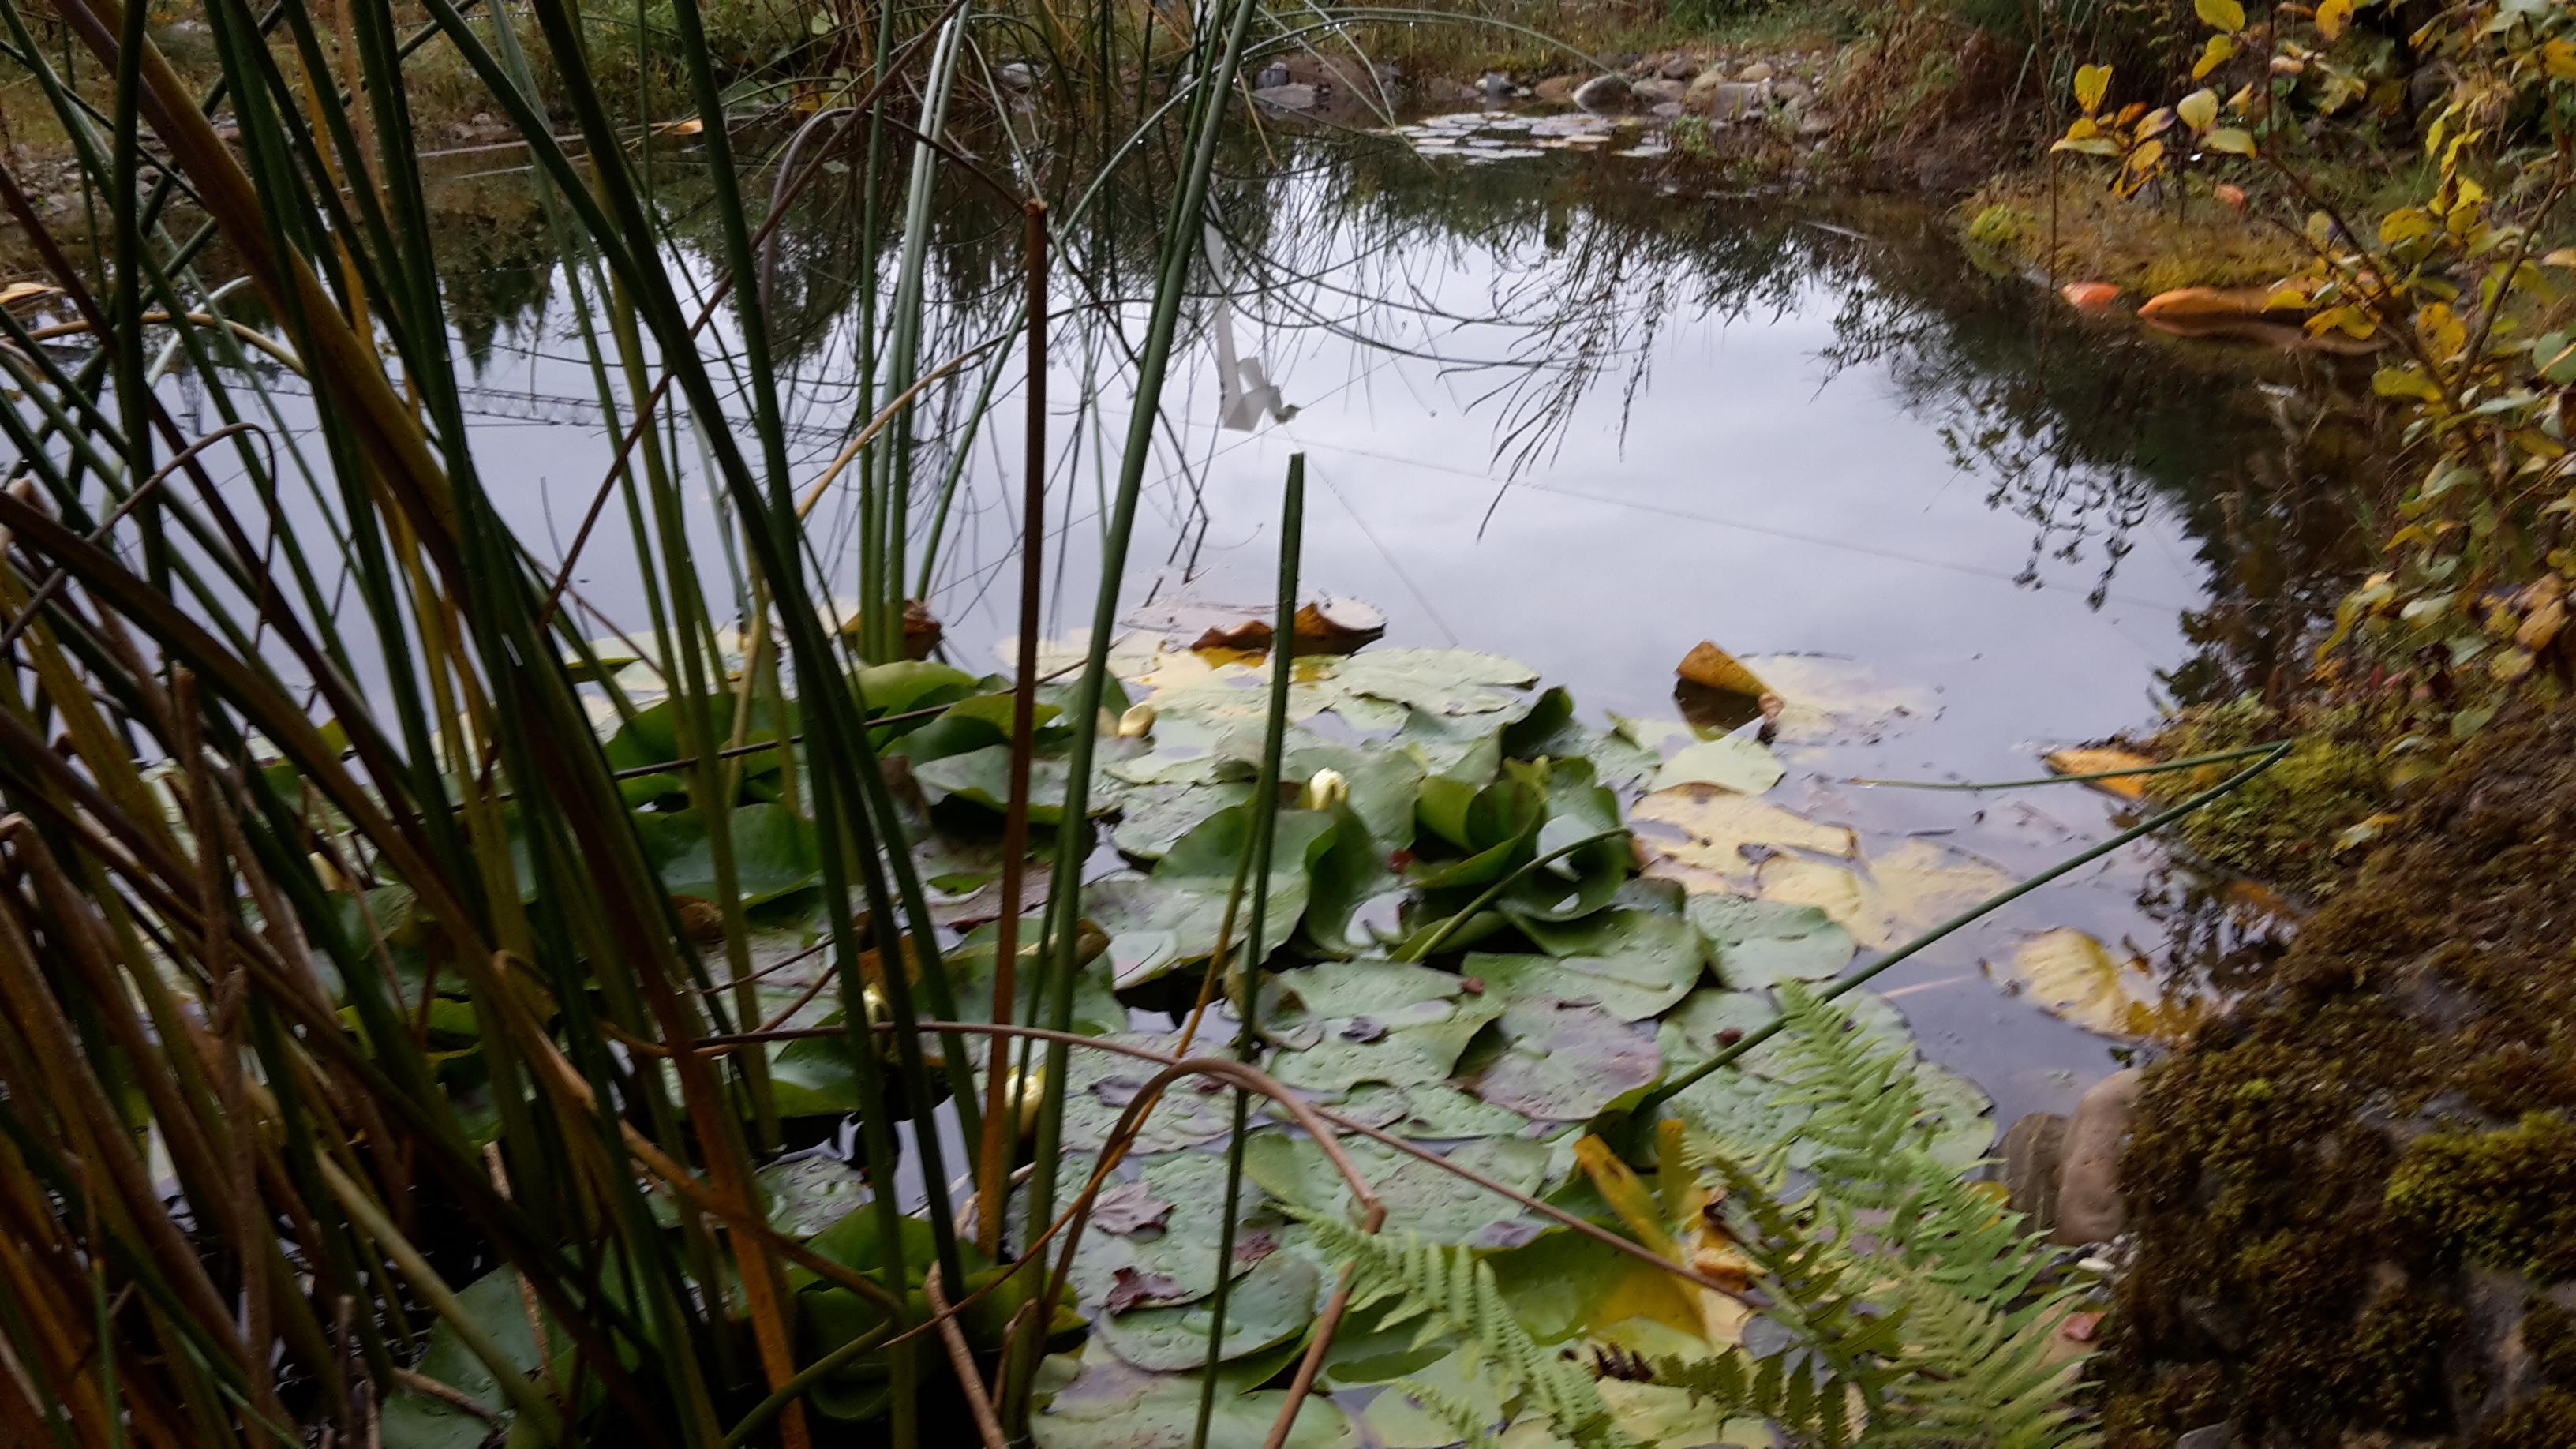 Tümpel mit Wasserpflanzen